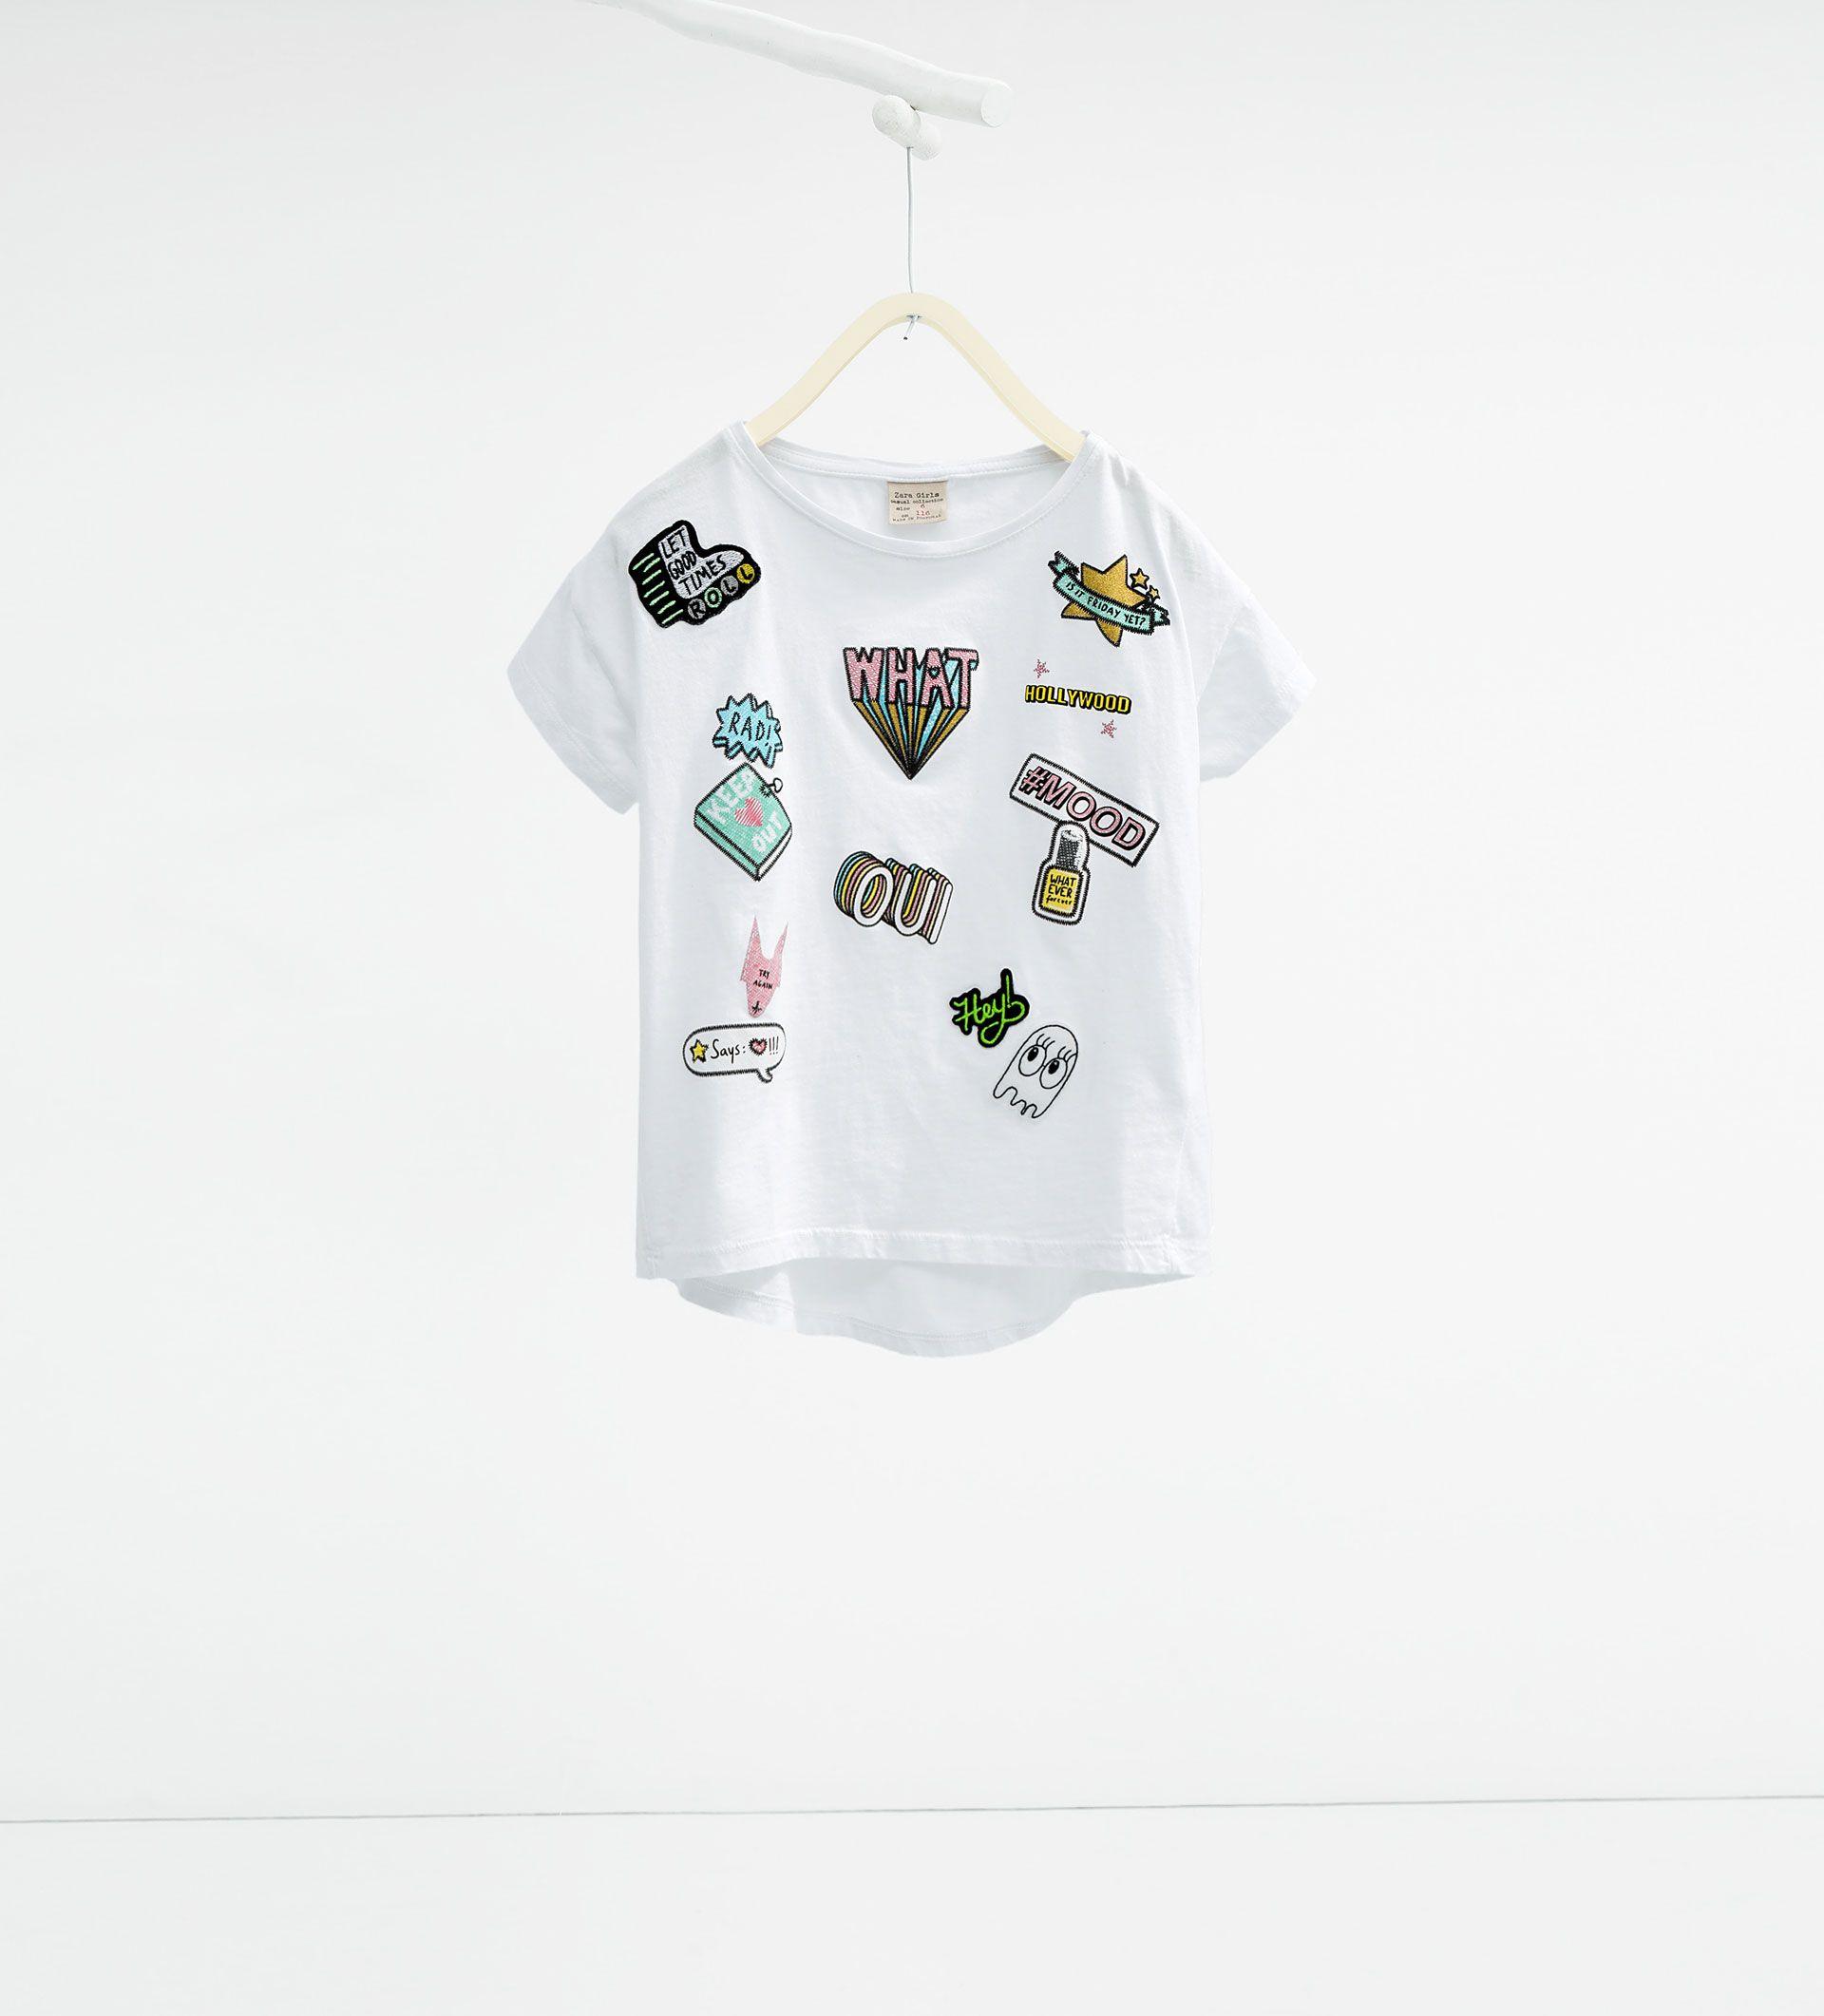 T - shirt à empiècements - Tout Afficher